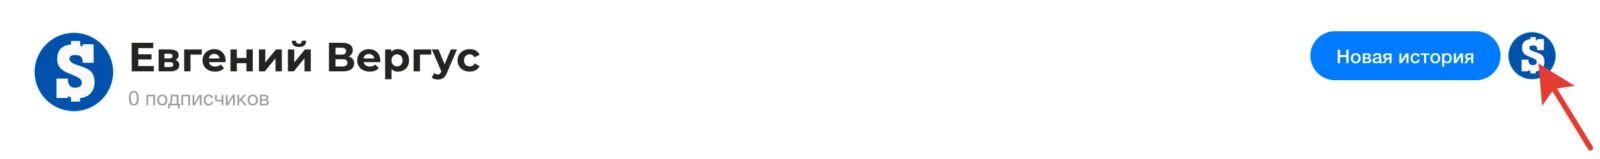 2019 09 04 13 02 29 - Как написать статью в Teletype